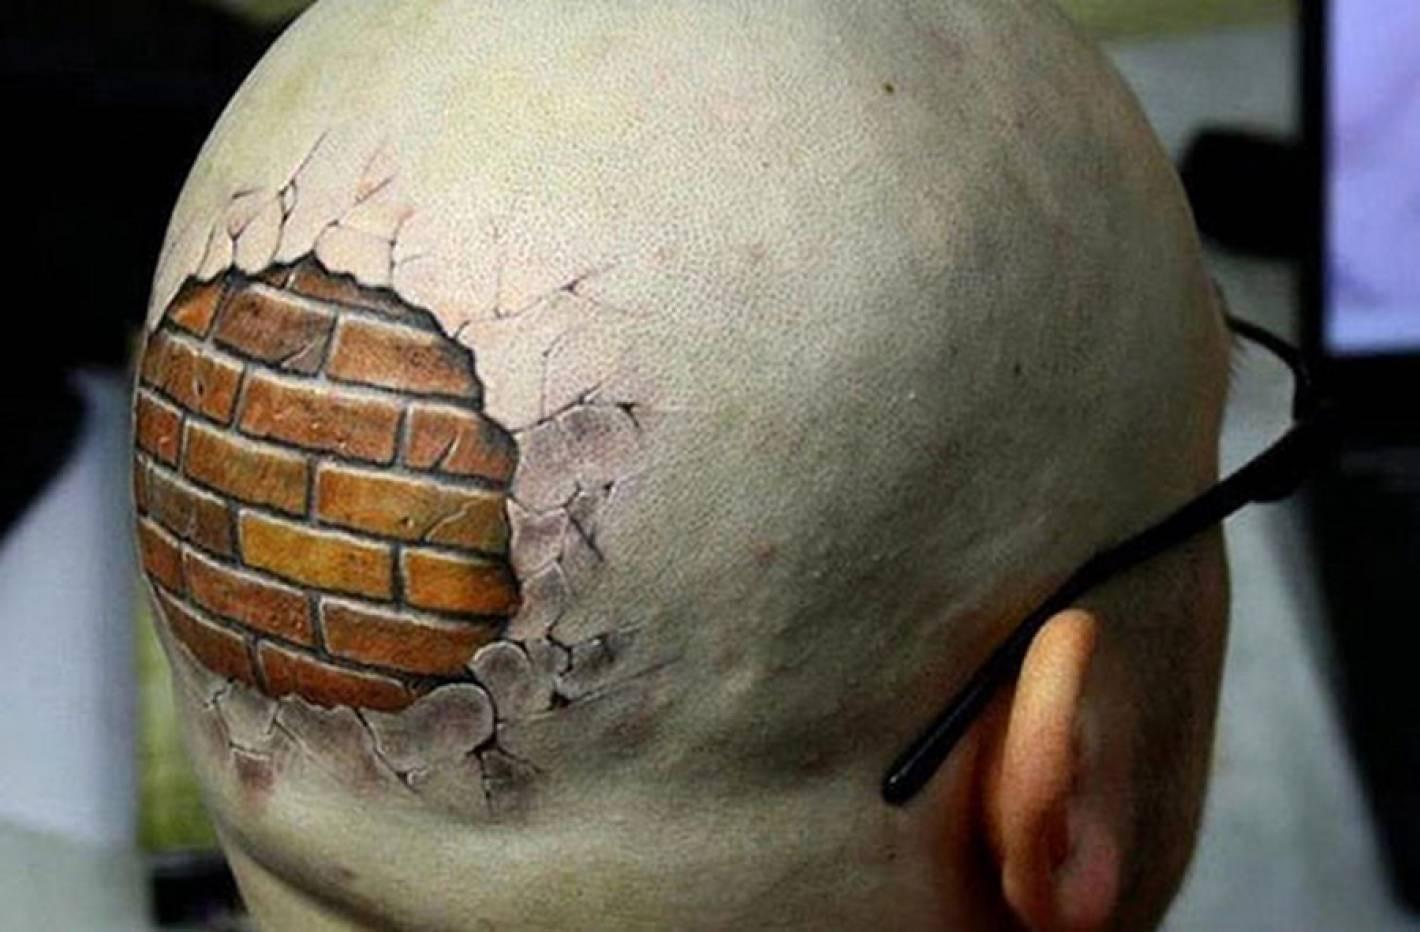 13 Tatuajes En 3d Que Parecen Imposibles Mendoza Post